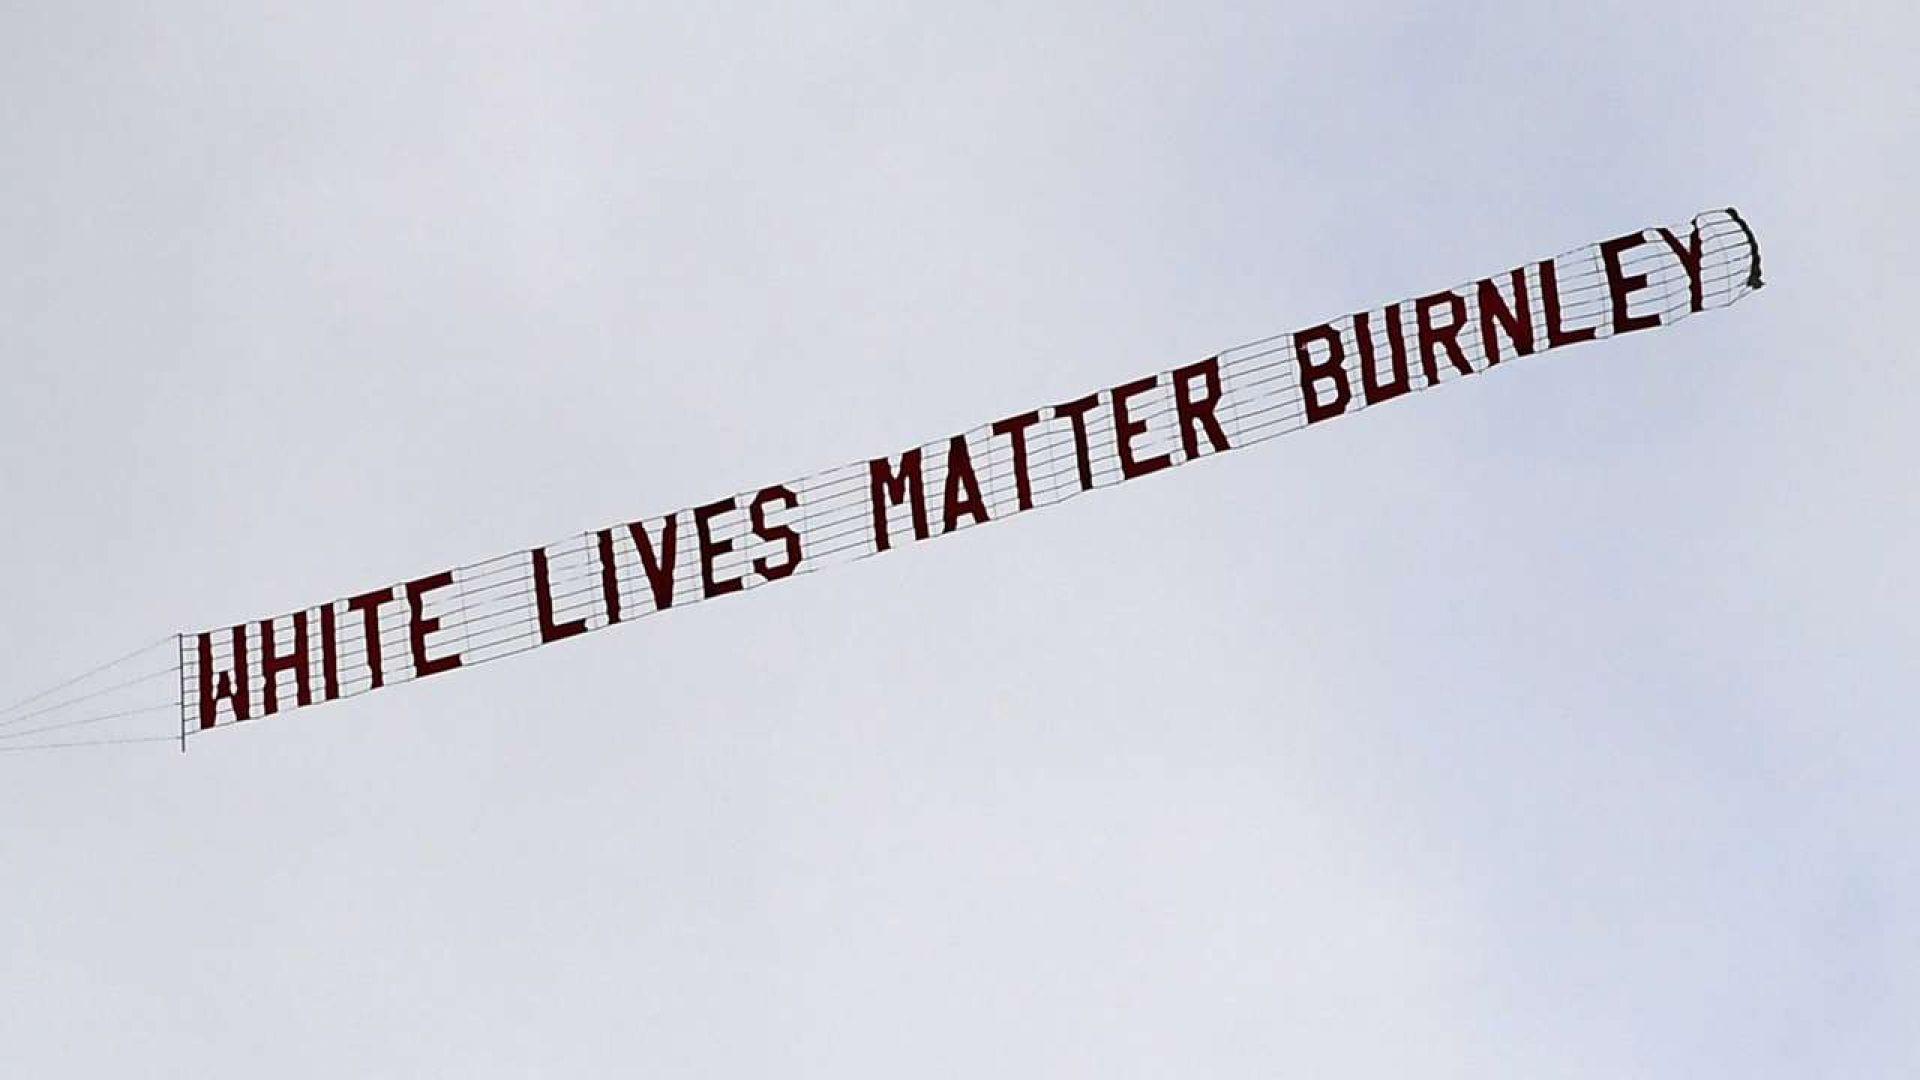 """Посланието """"белите животи имат значение"""" не е престъпление"""